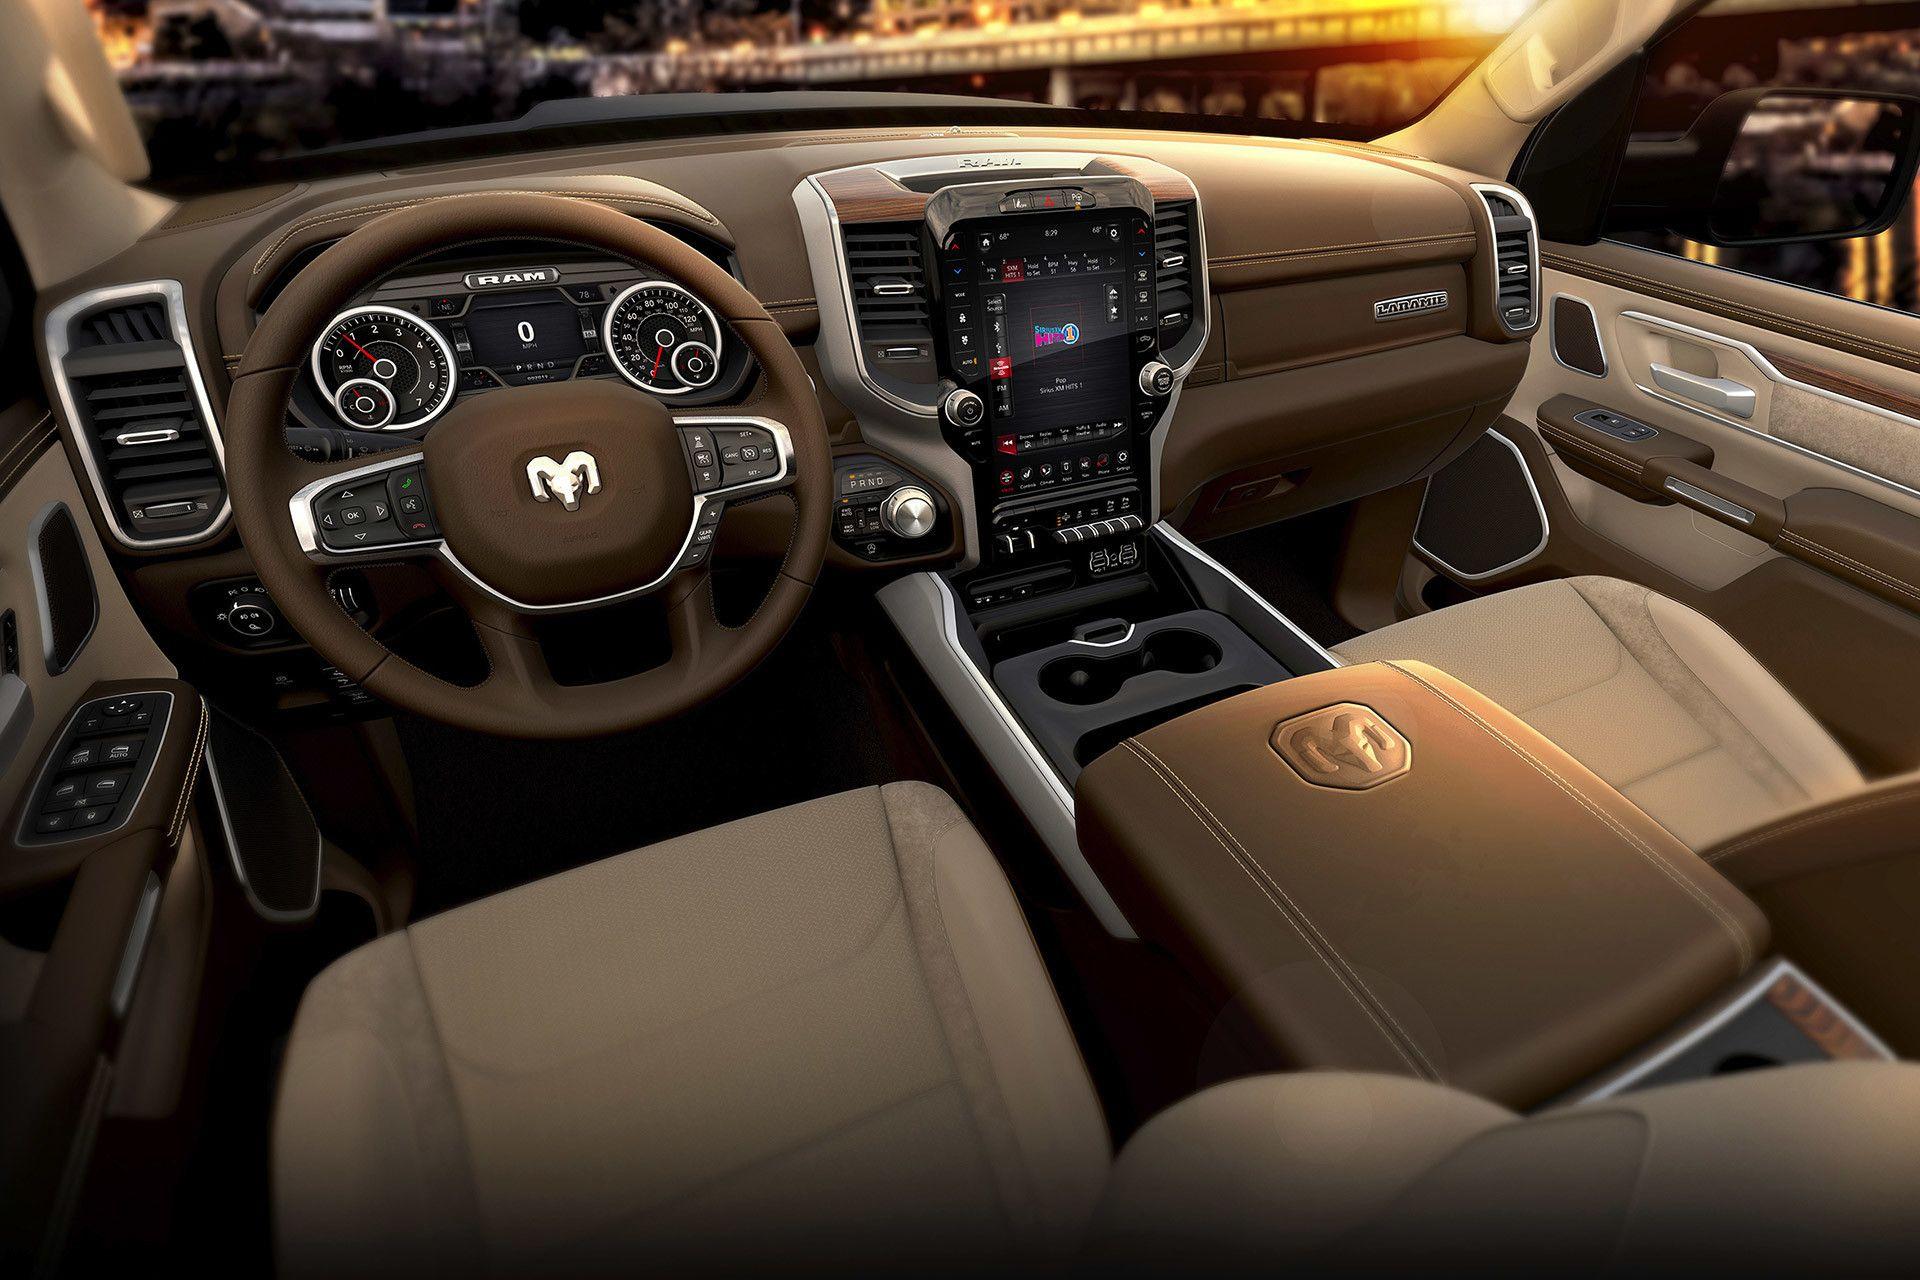 Dodge Ram 2020 Interior Overview In 2020 Dodge Ram Ram 1500 2019 Ram 1500